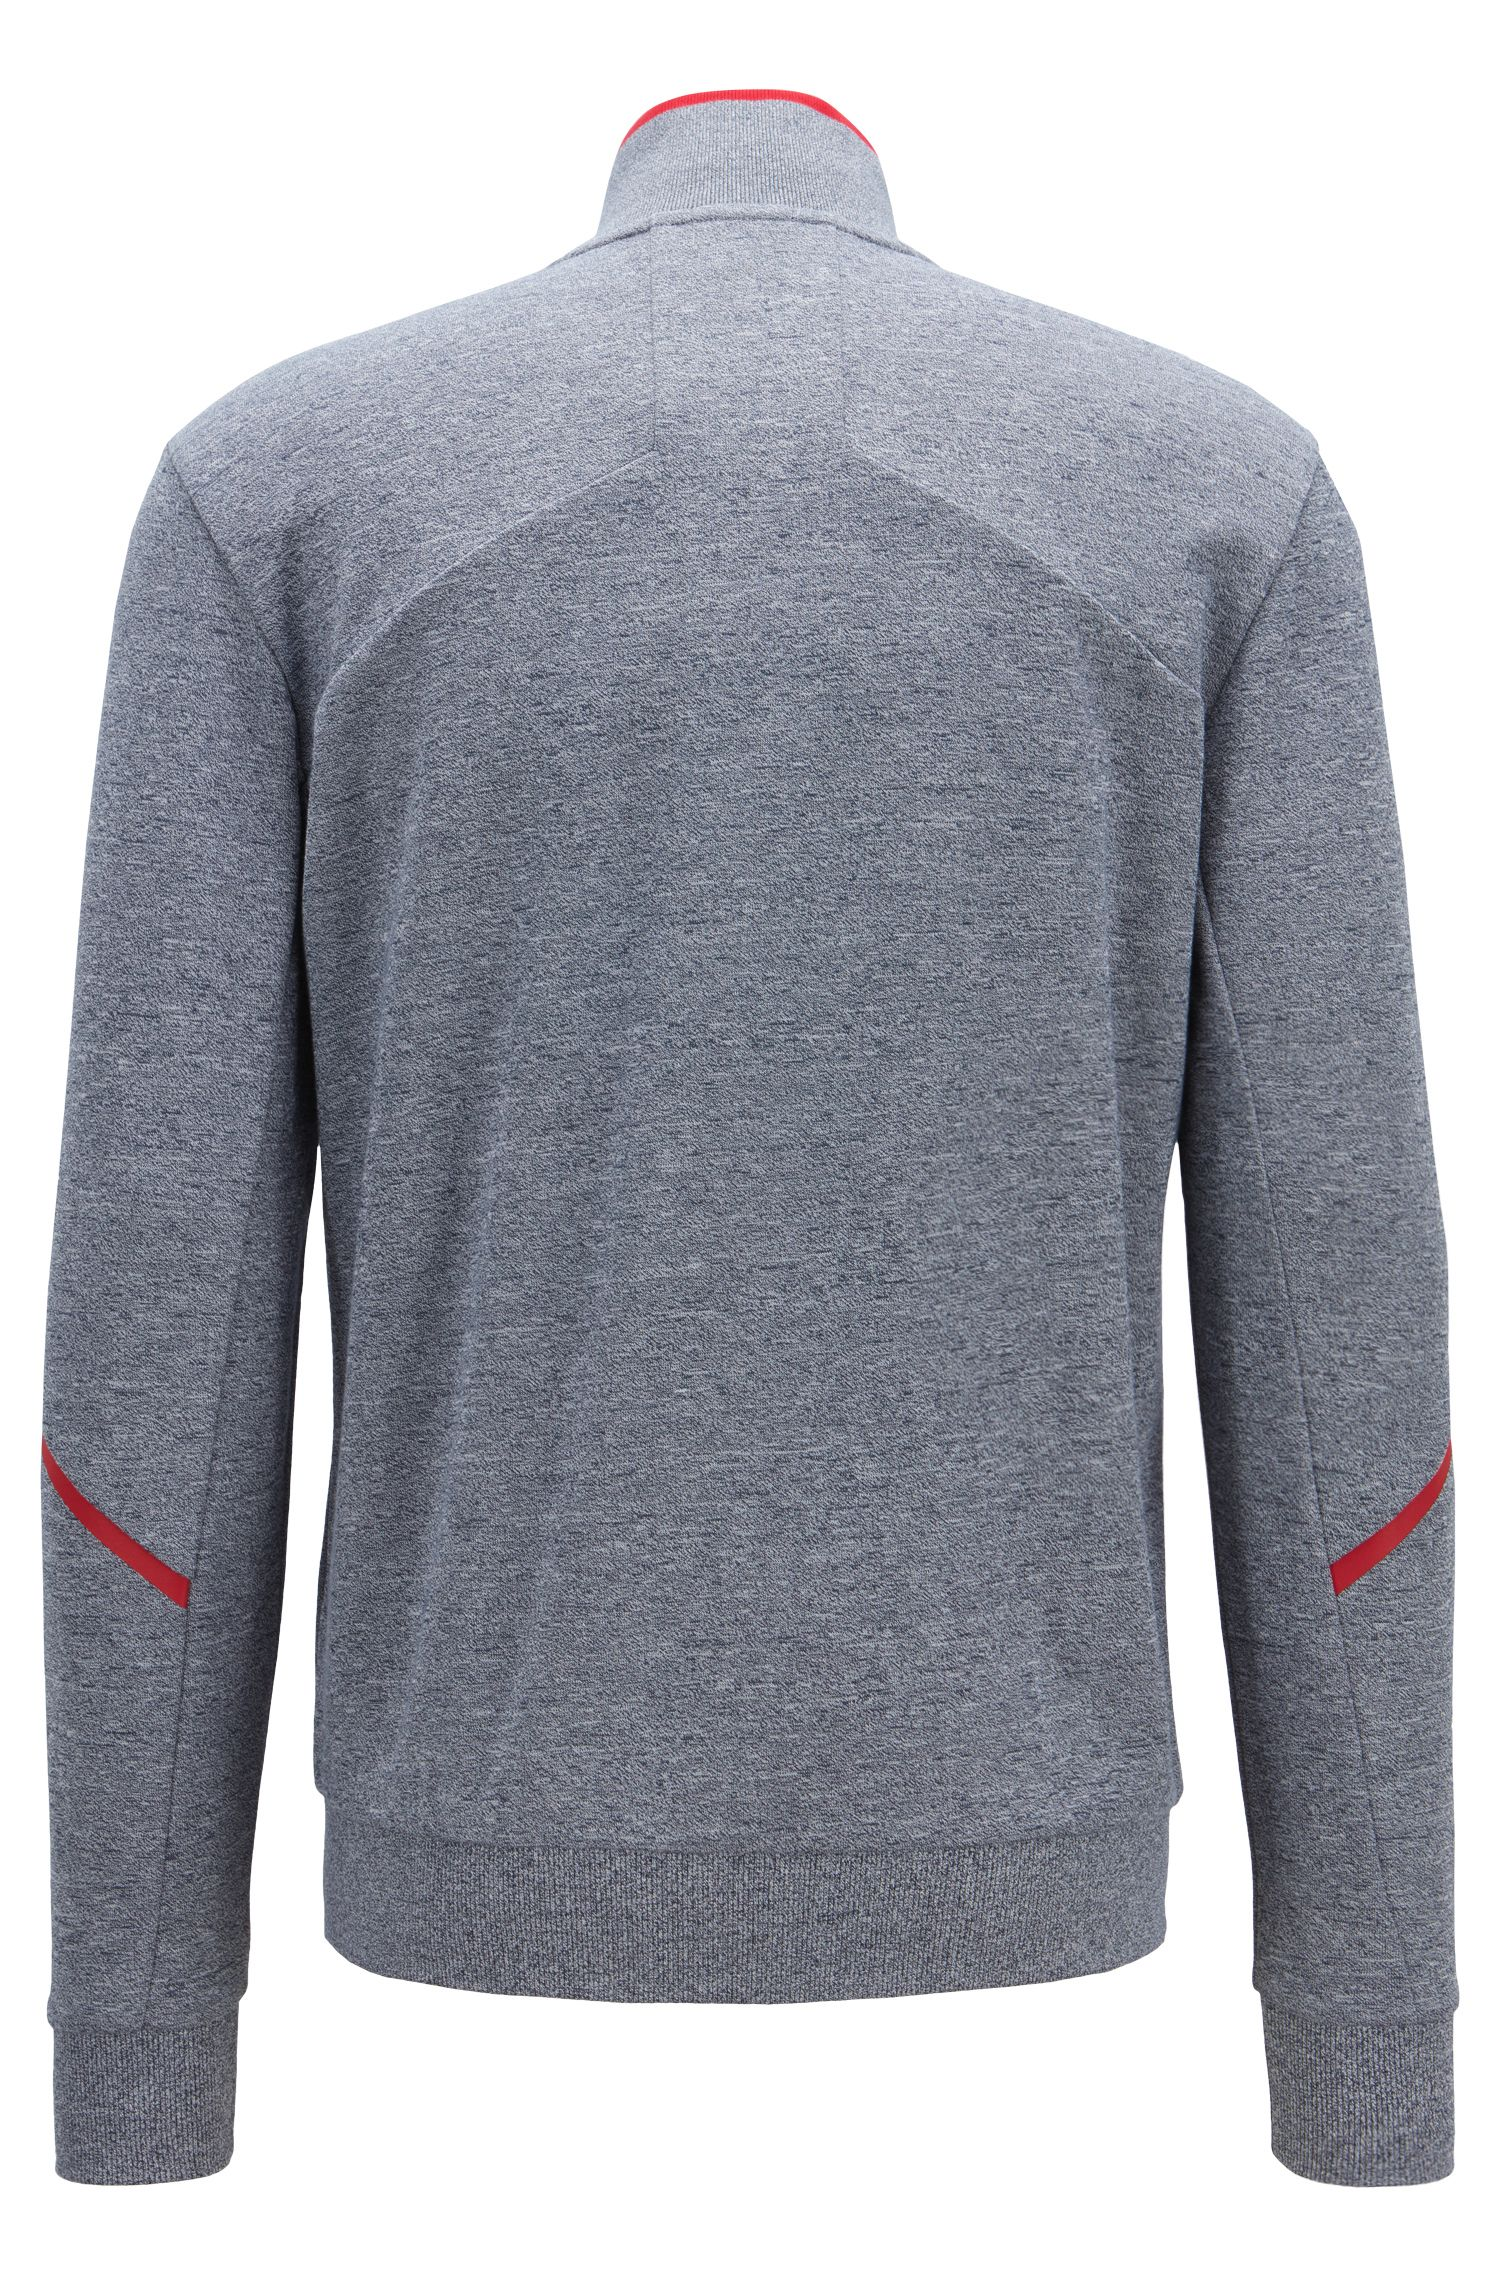 Sweatjacke aus Baumwoll-Mix mit Reißverschluss und reflektierenden Details, Hellblau